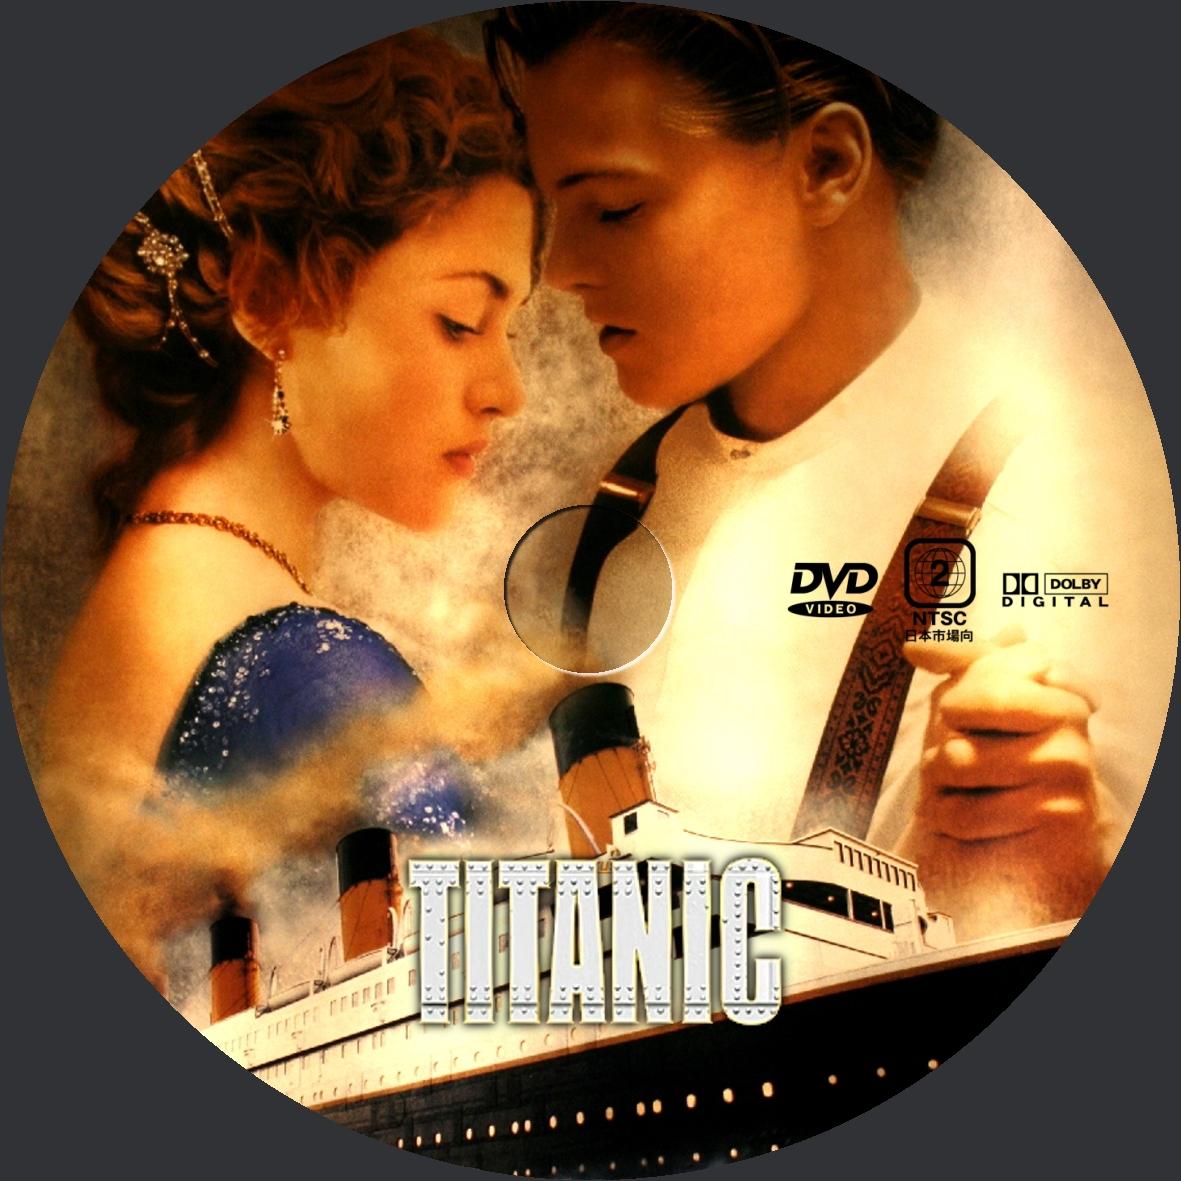 タイタニック (1997年の映画)の画像 p1_39